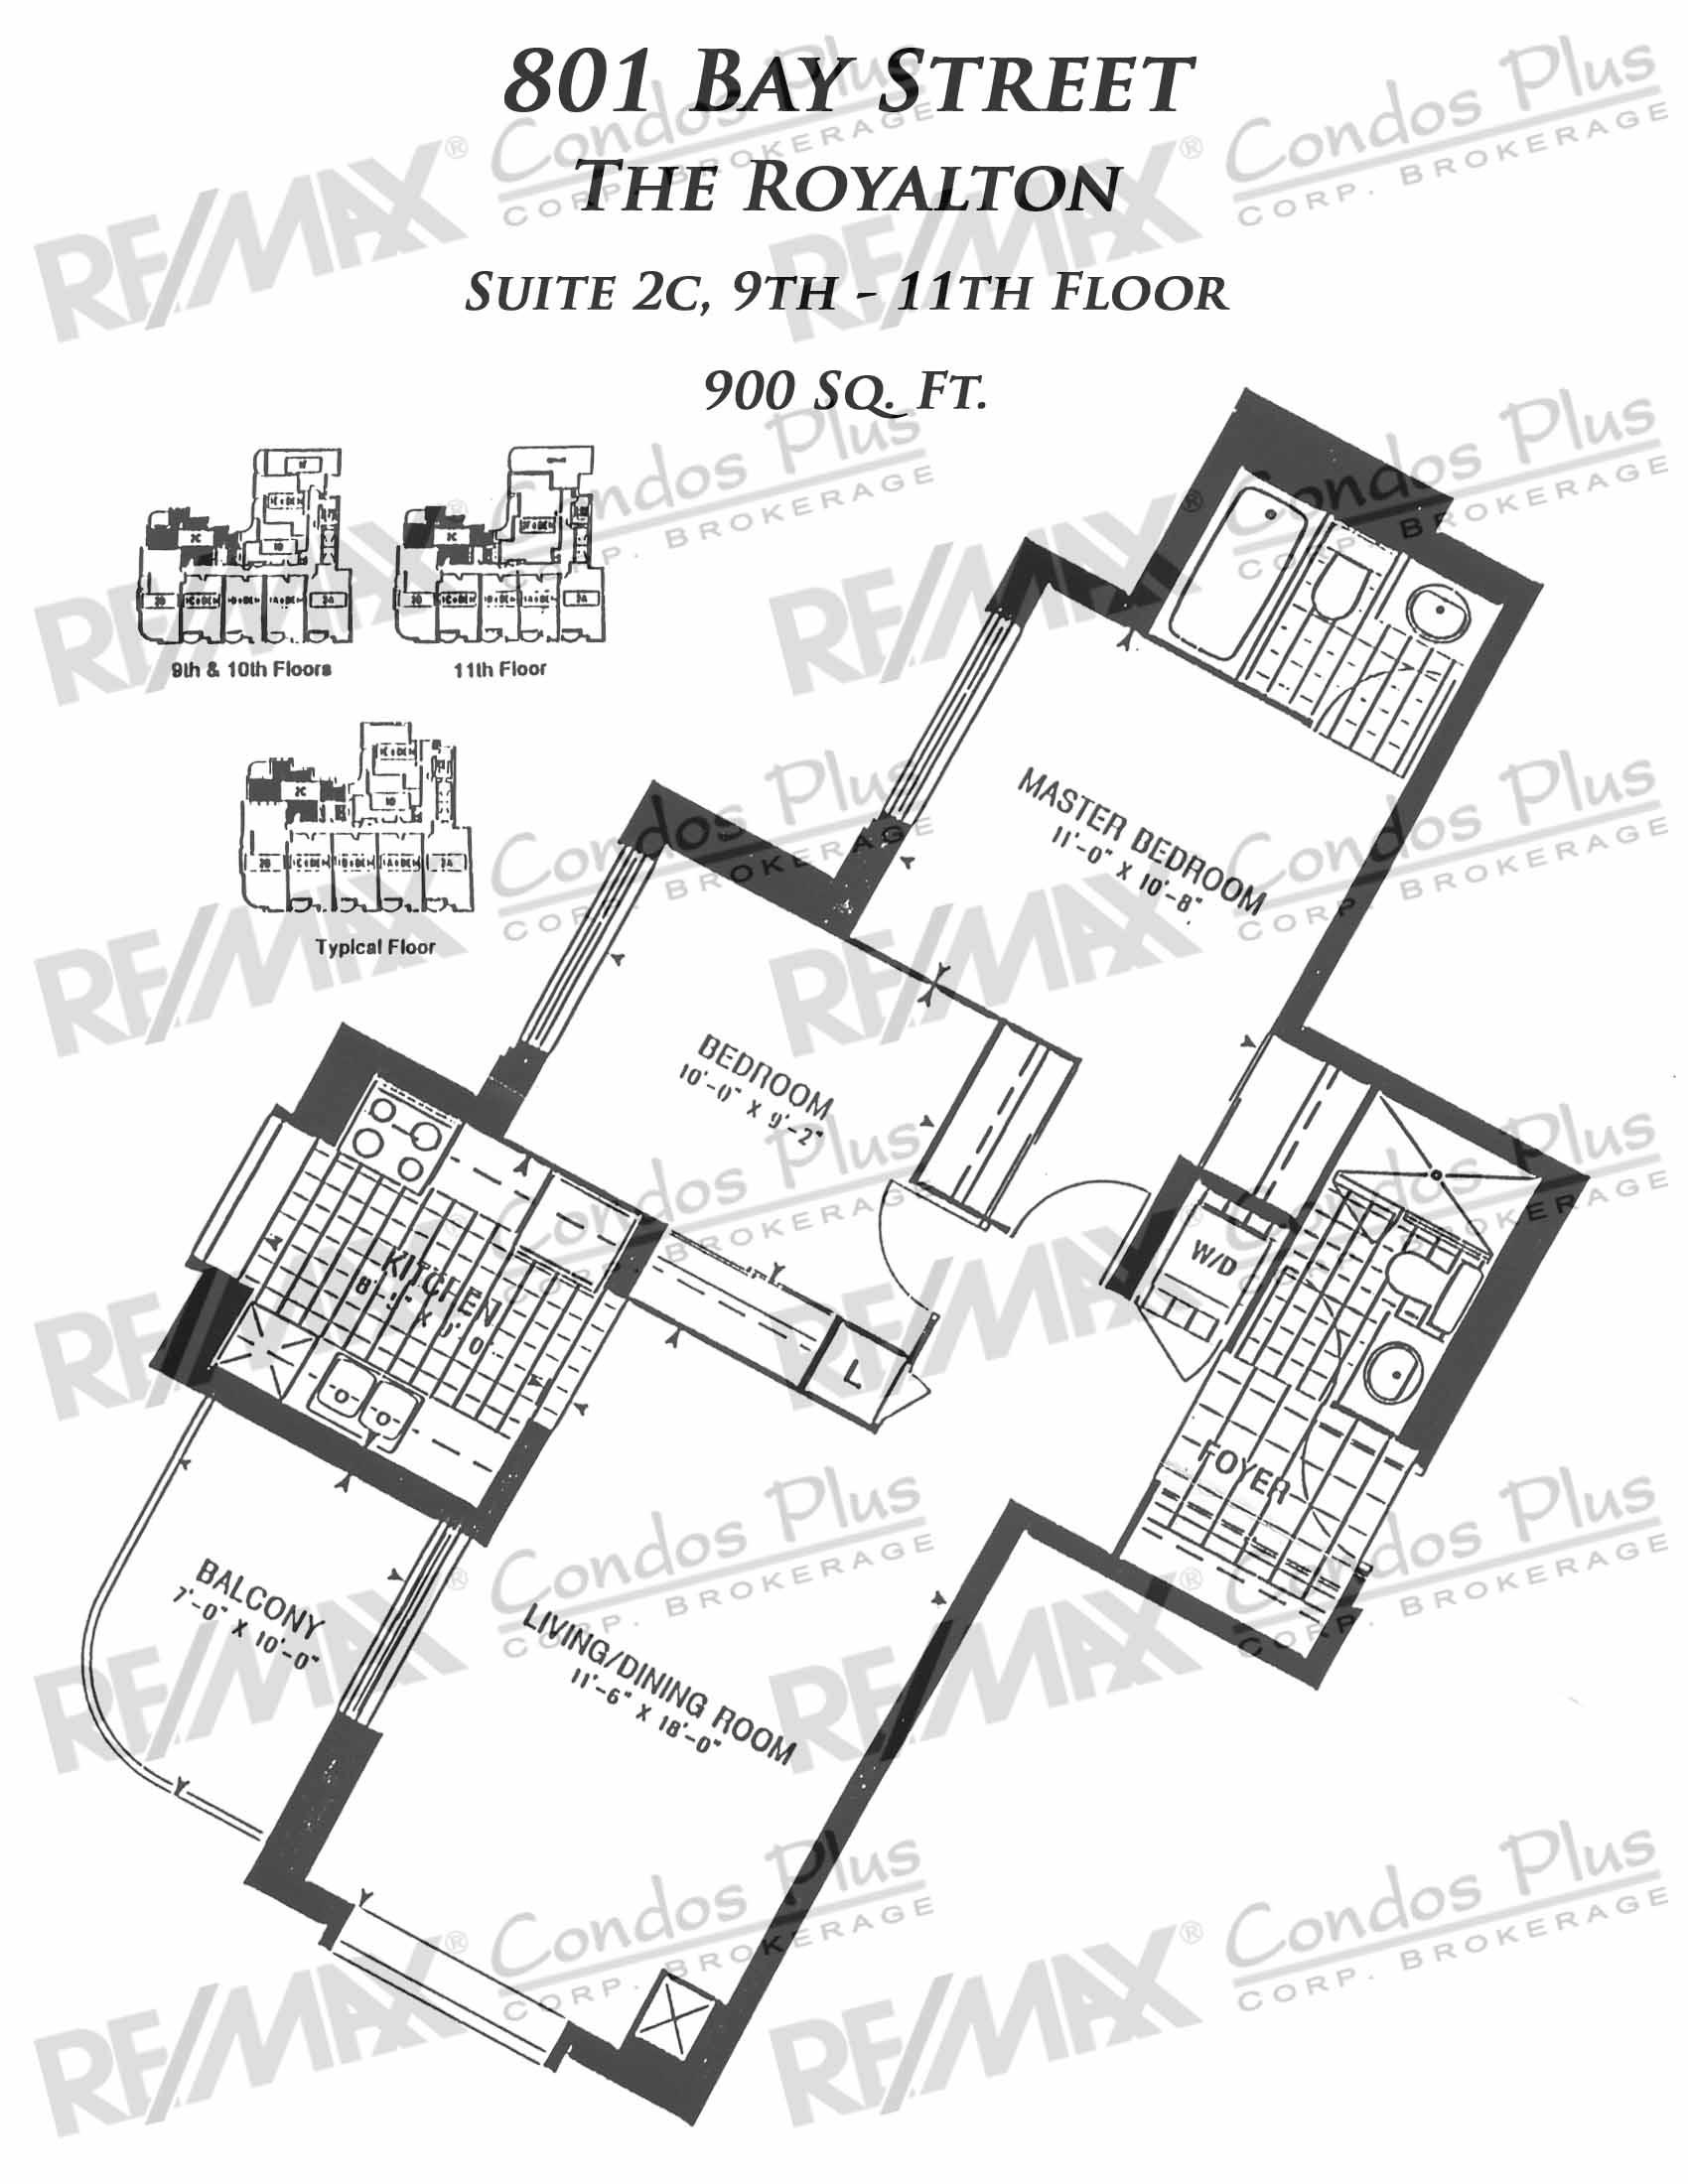 Suite 2C